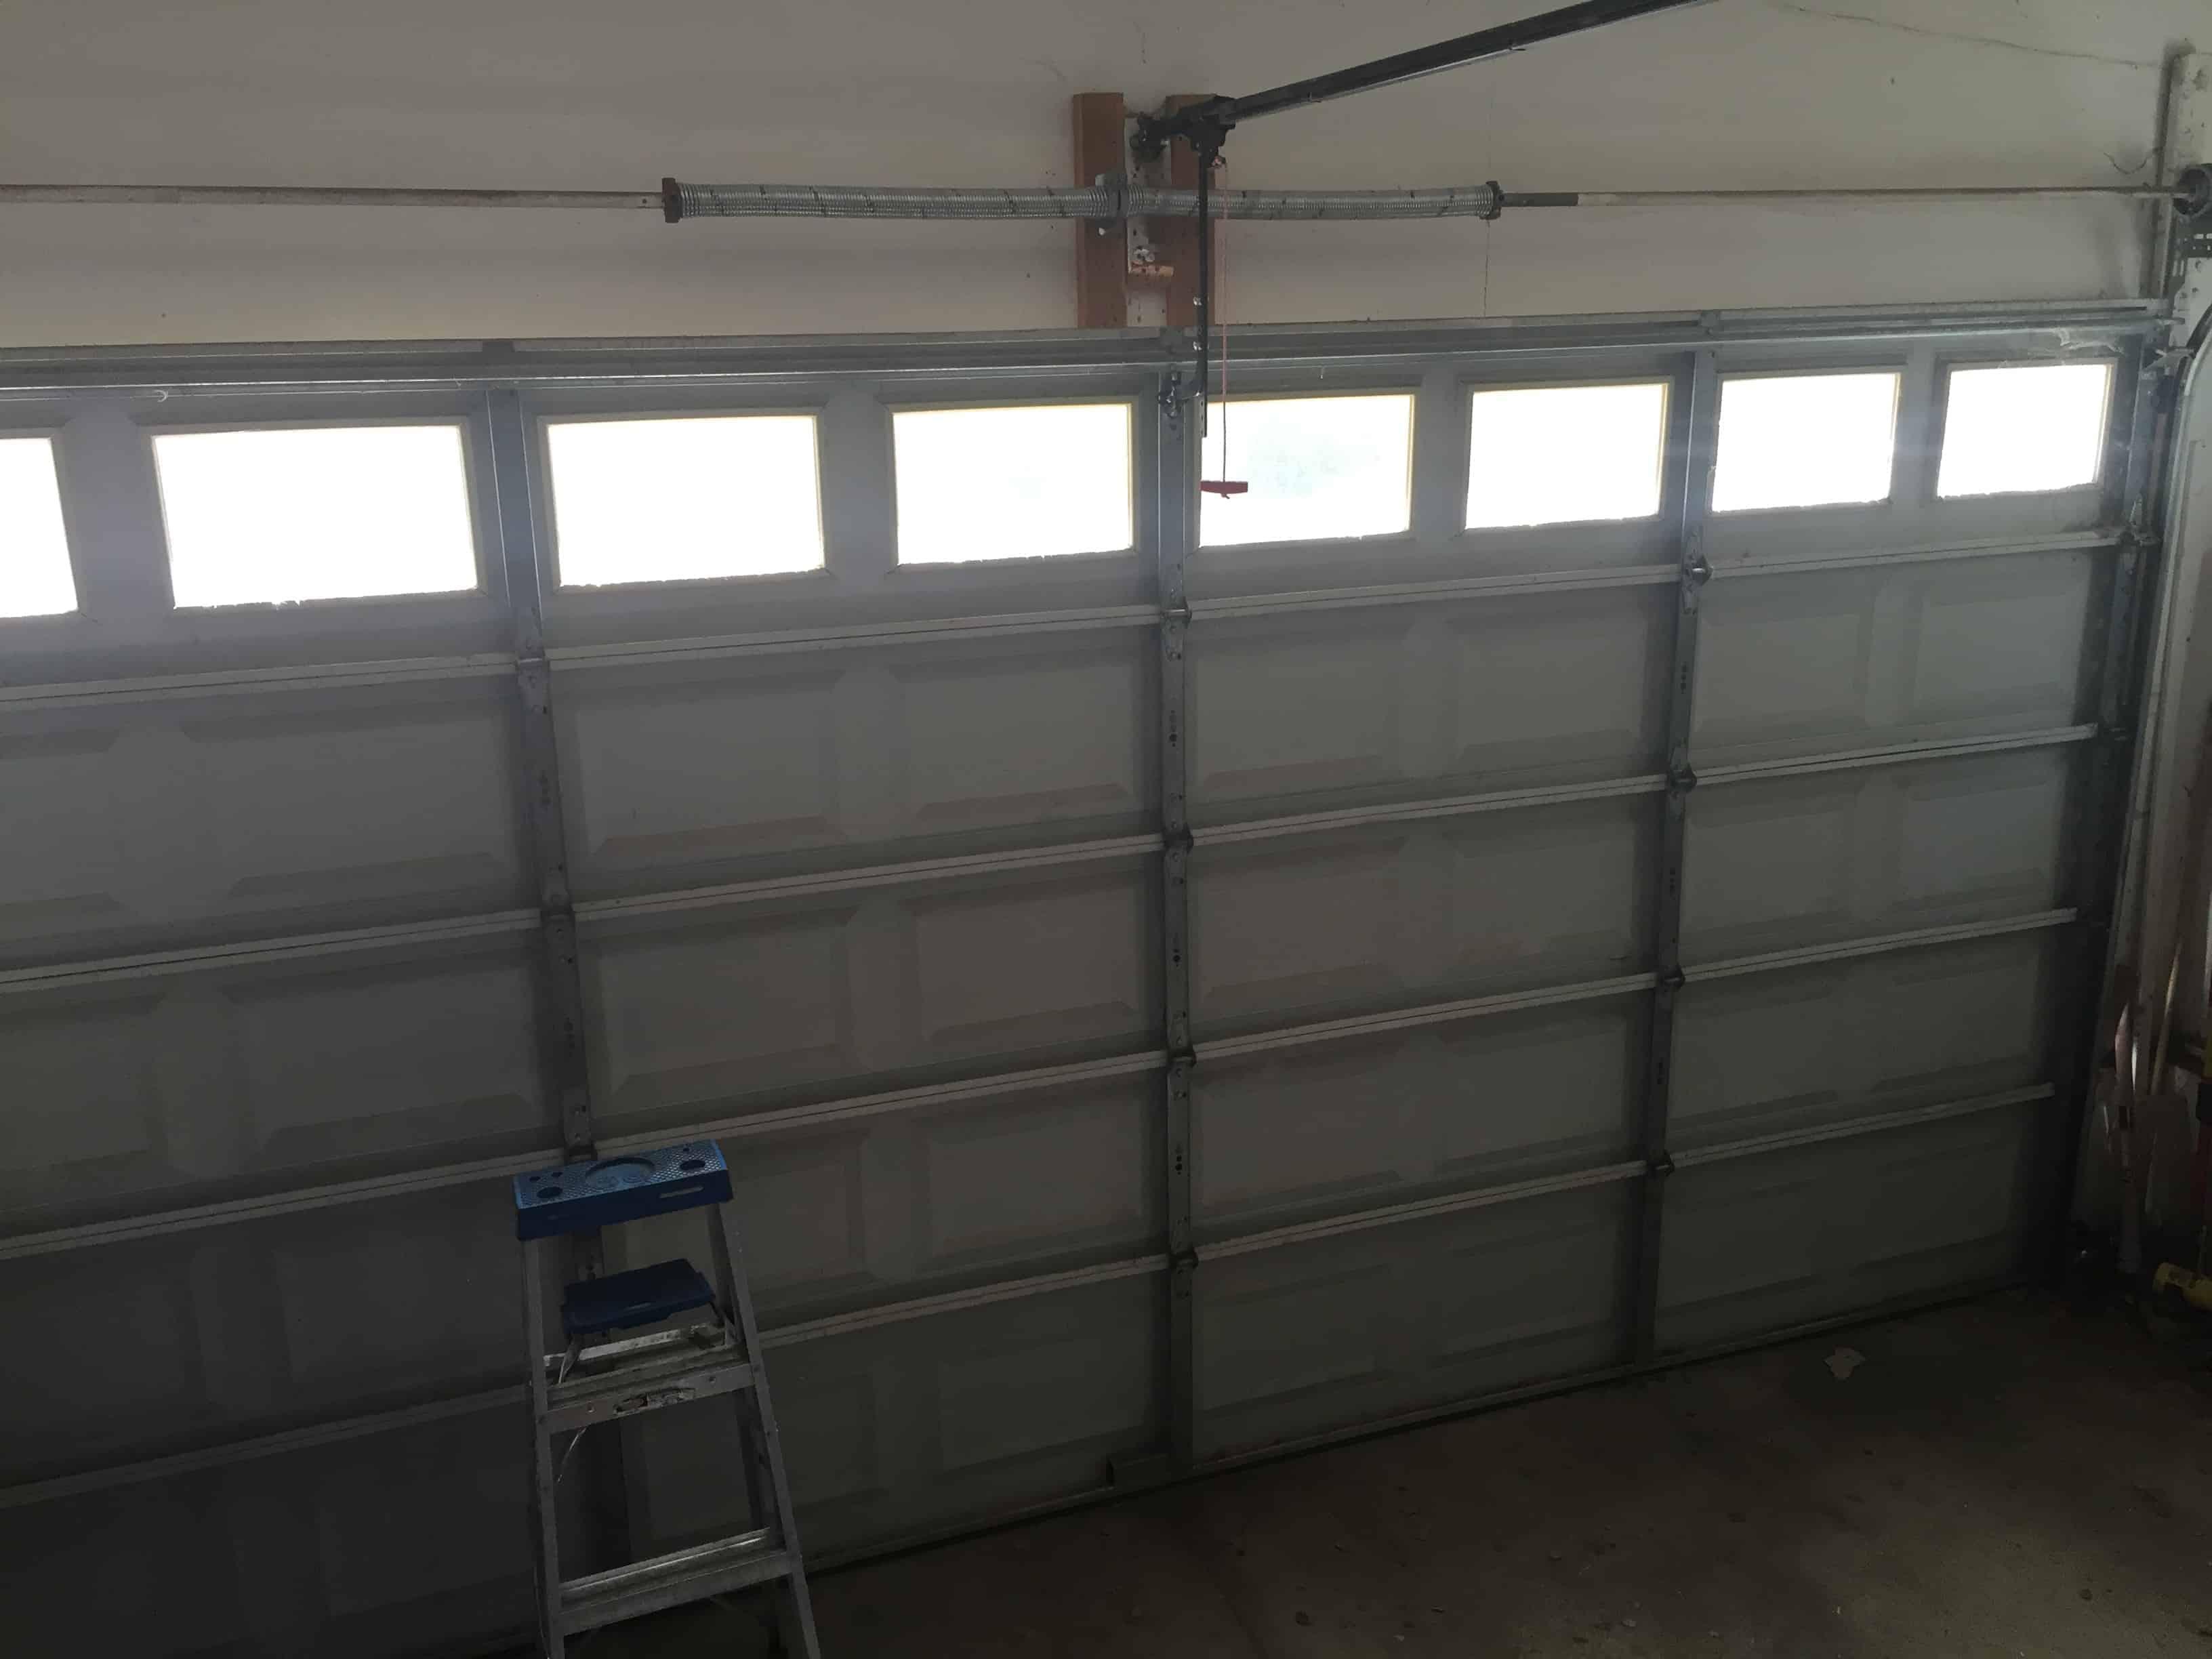 Eagle Mountain Utah Gate & Garage Door Repair & Replacement